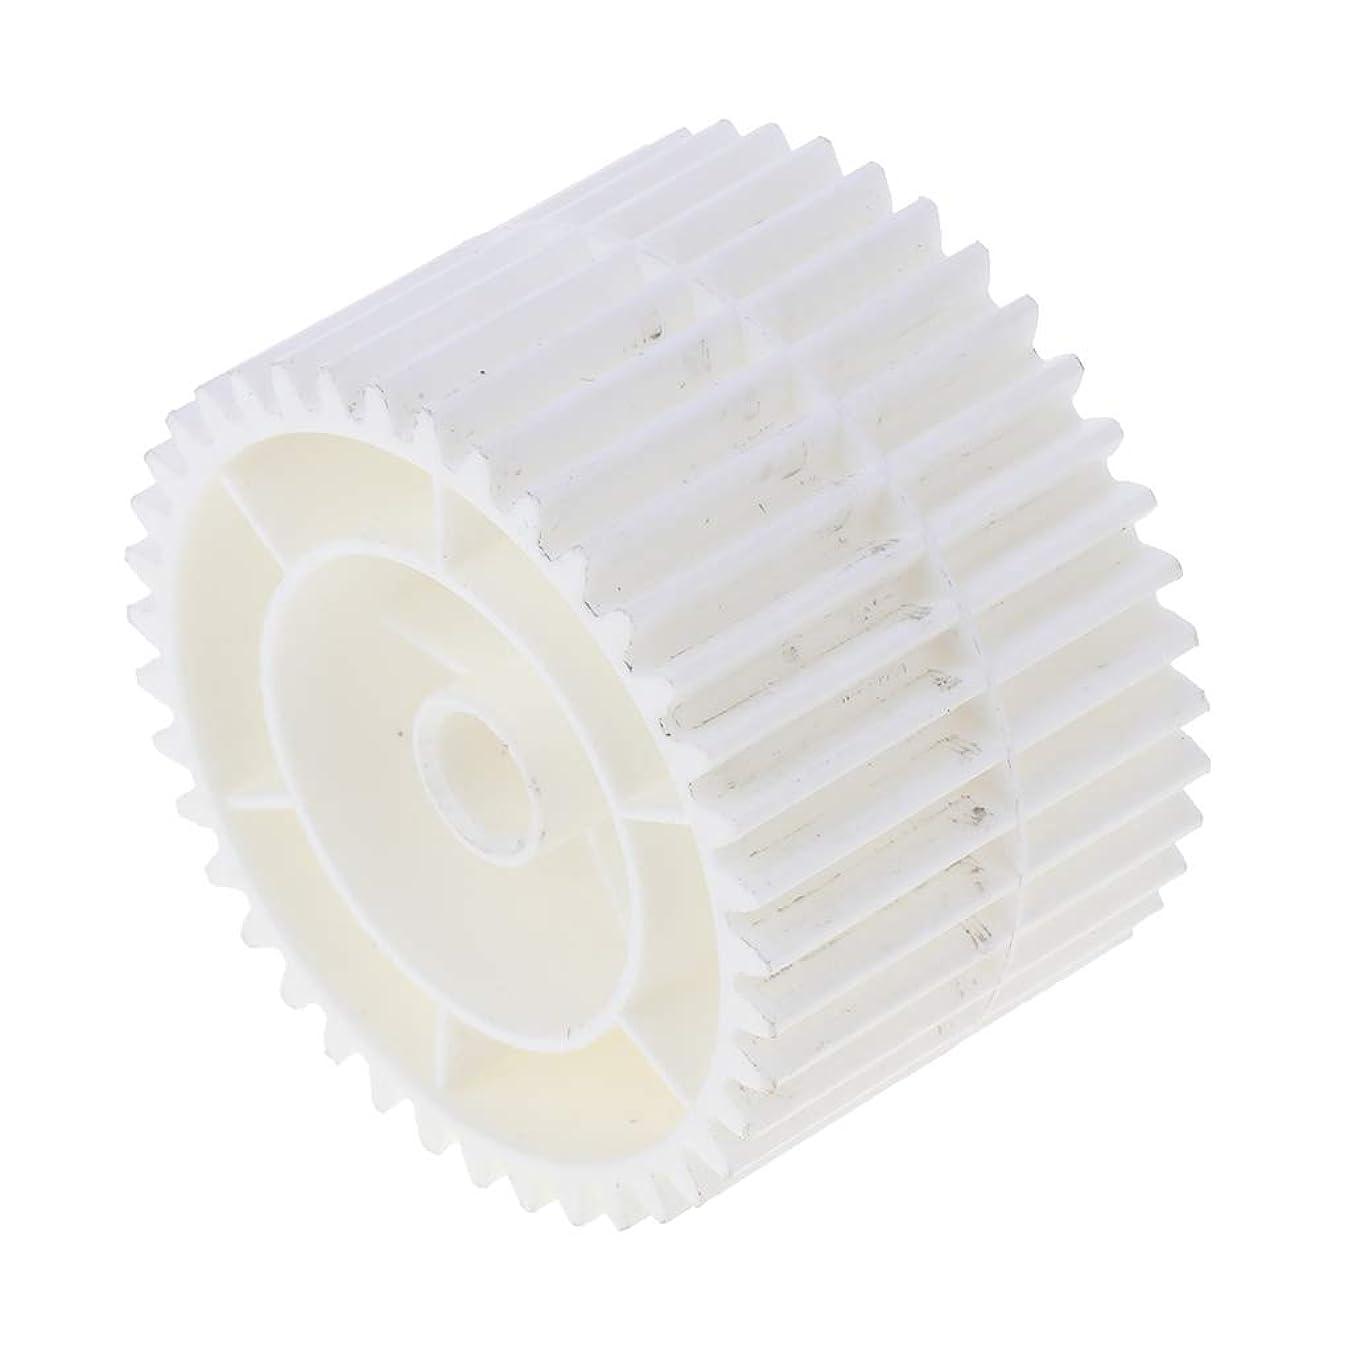 豆腐繊細暫定のHL5440 5470 5450 6180モデルなど、プリンタ部品と互換性のあるフューザーアイドラーギア